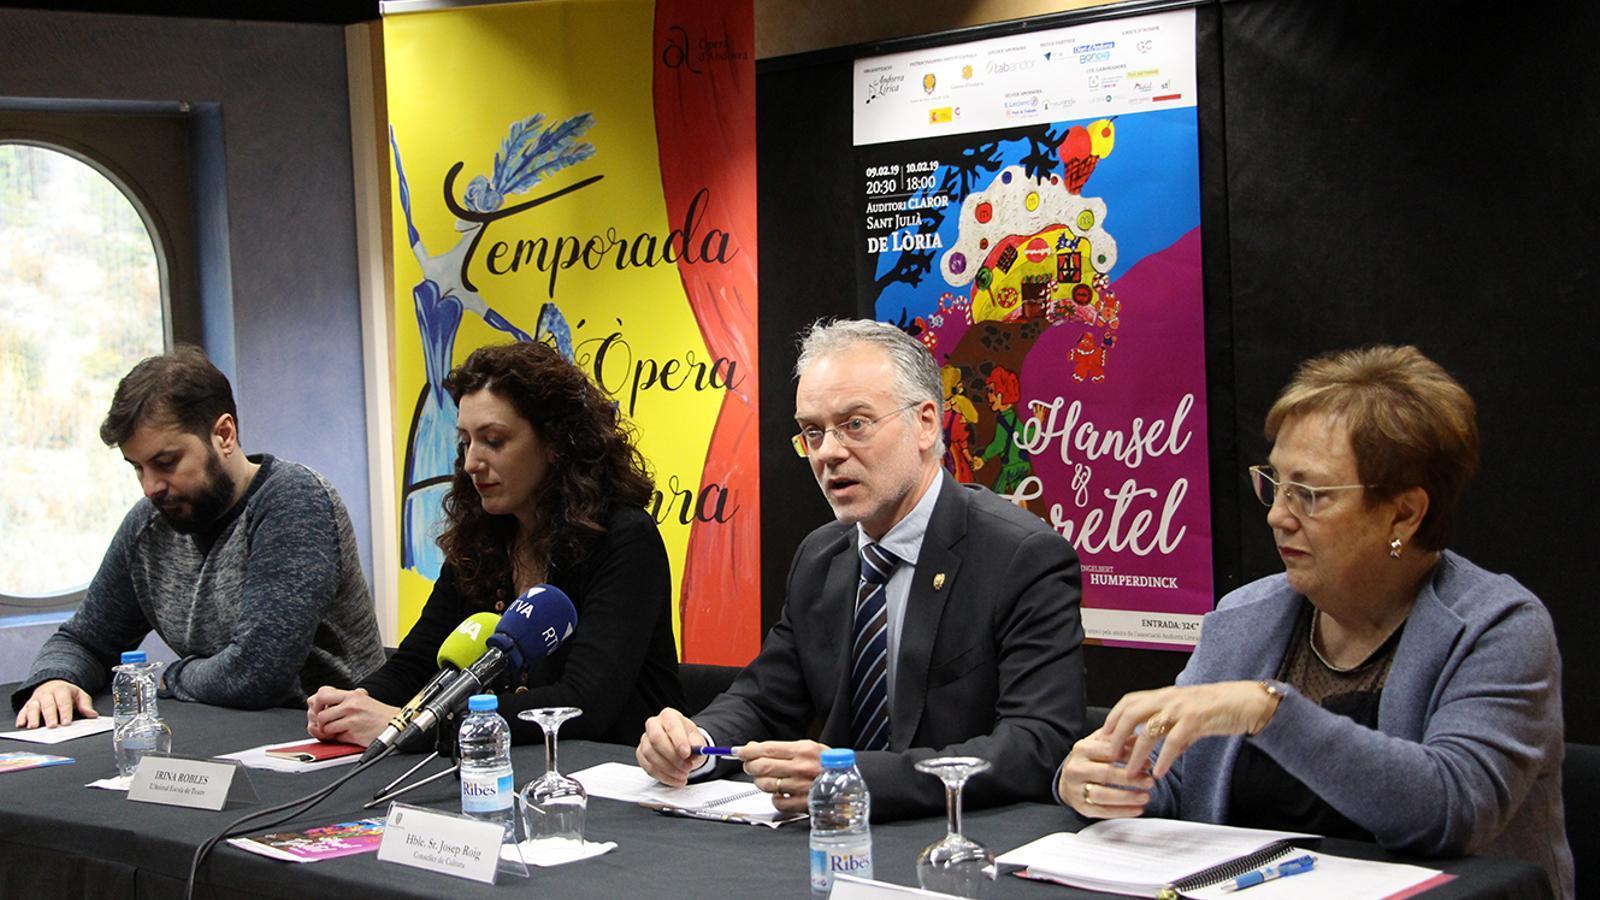 Els directors artístics, Juanma Casero i Irina Robles;el conseller de Cultura, Josep Roig, i la representant de l'Associació Andorra Lírica, Elena Pérez, durant la roda de premsa. / M. M. (ANA)